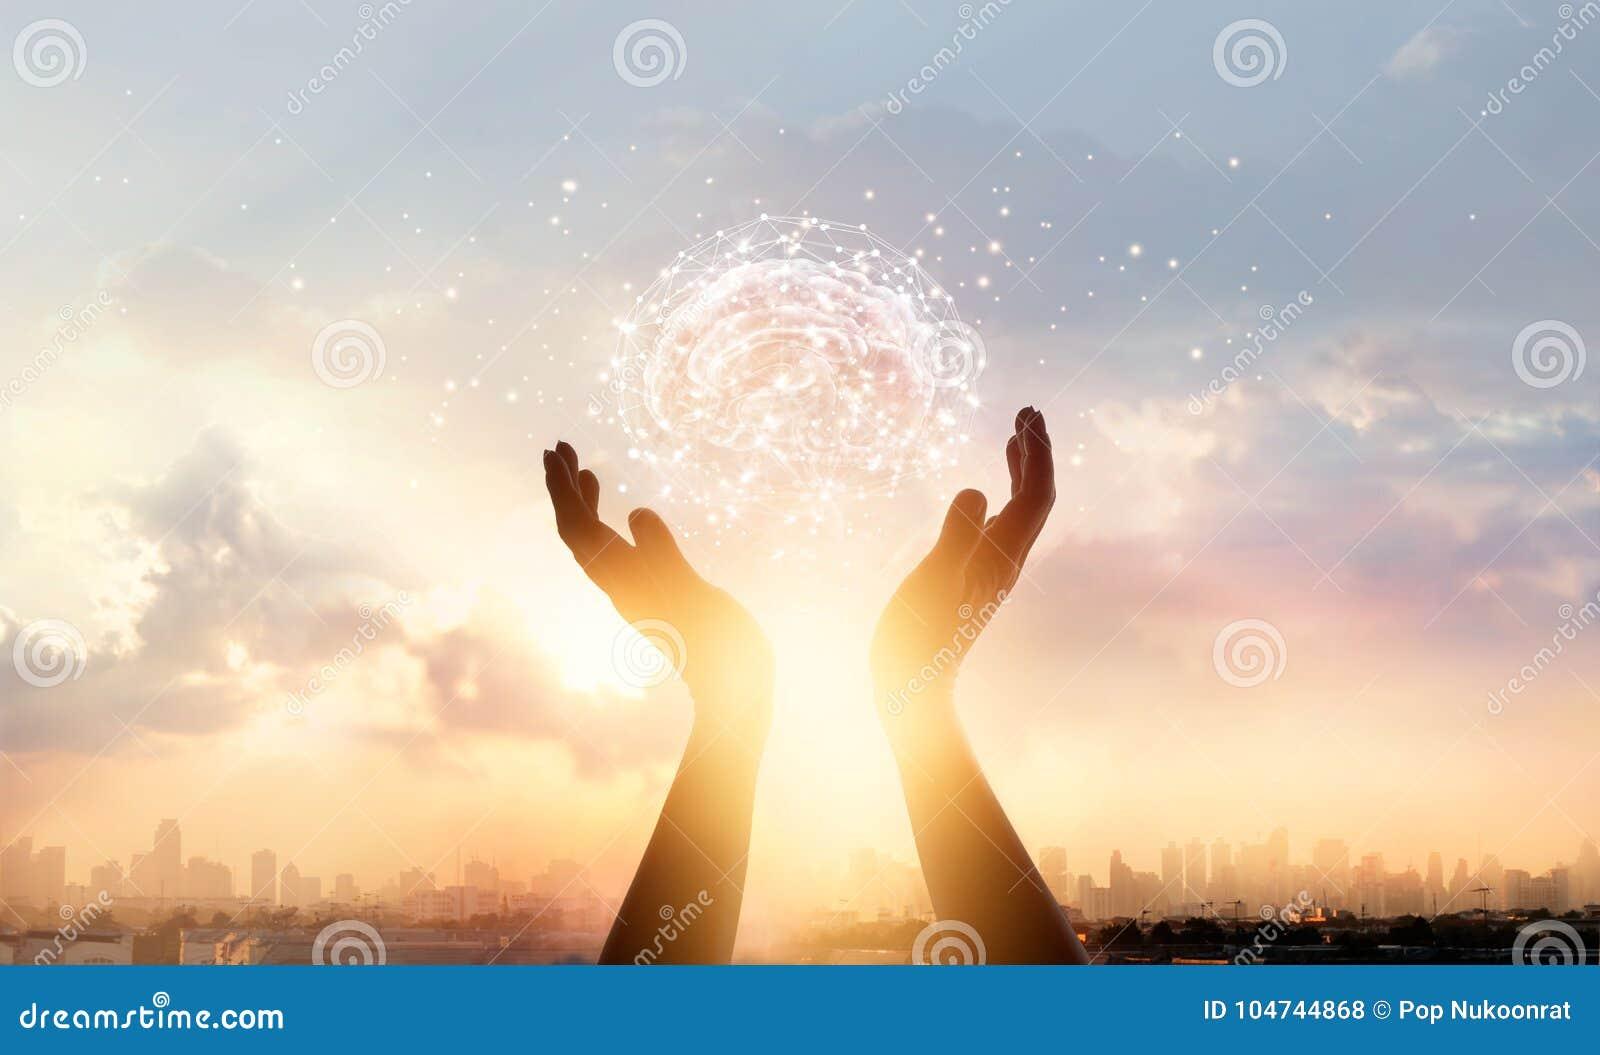 A palma abstrata entrega cérebro tocante com conexão de rede